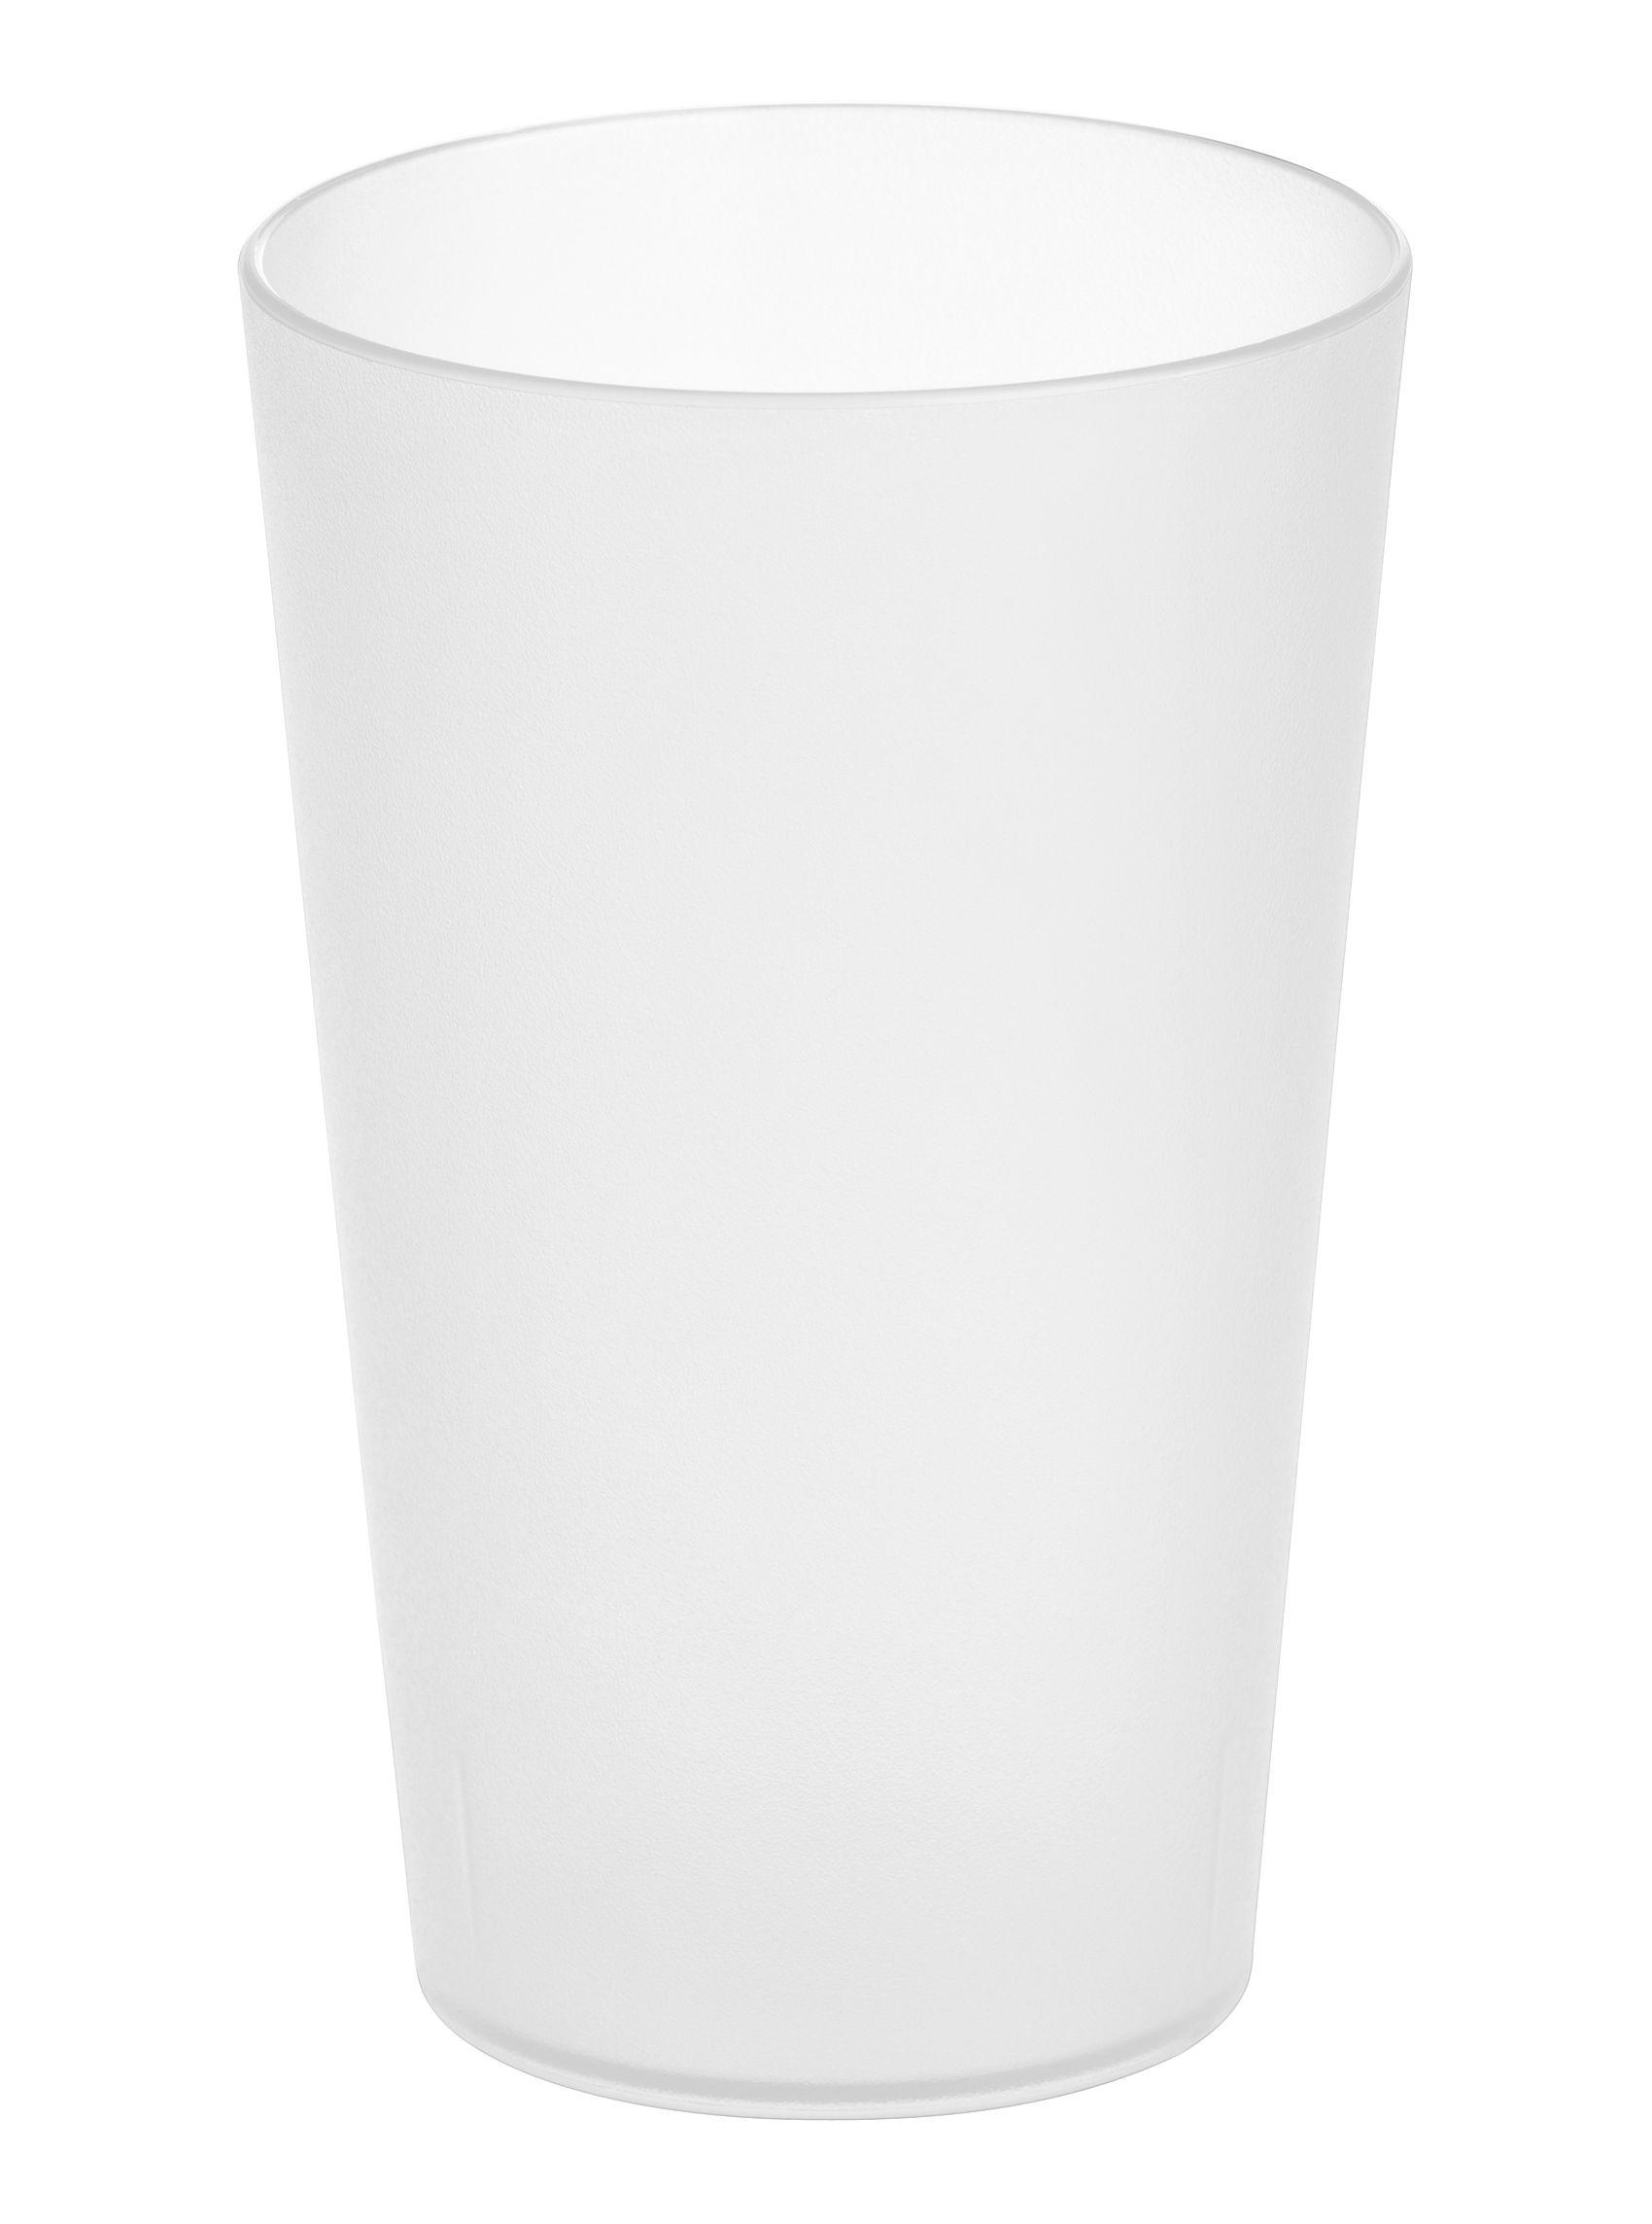 Dekoration - Badezimmer - Rio Behälter für Zahnbürsten - Koziol - Transparent - Plastikmaterial